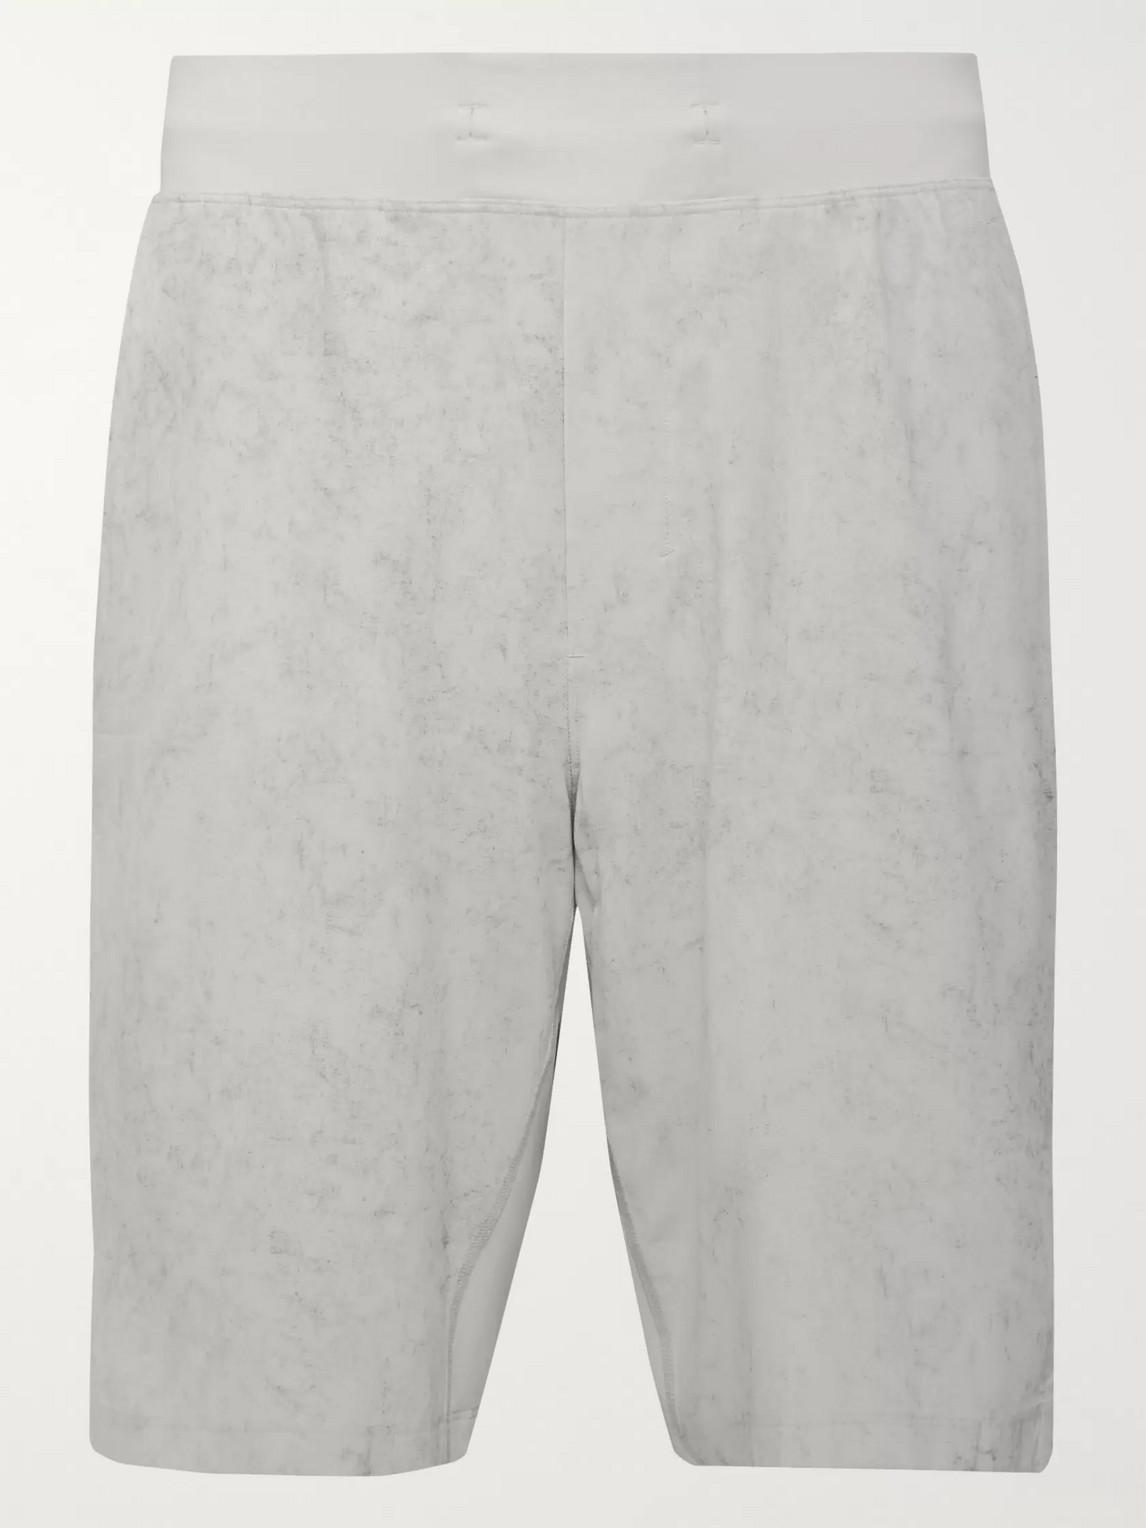 lululemon - t.h.e. printed swift shorts - men - gray